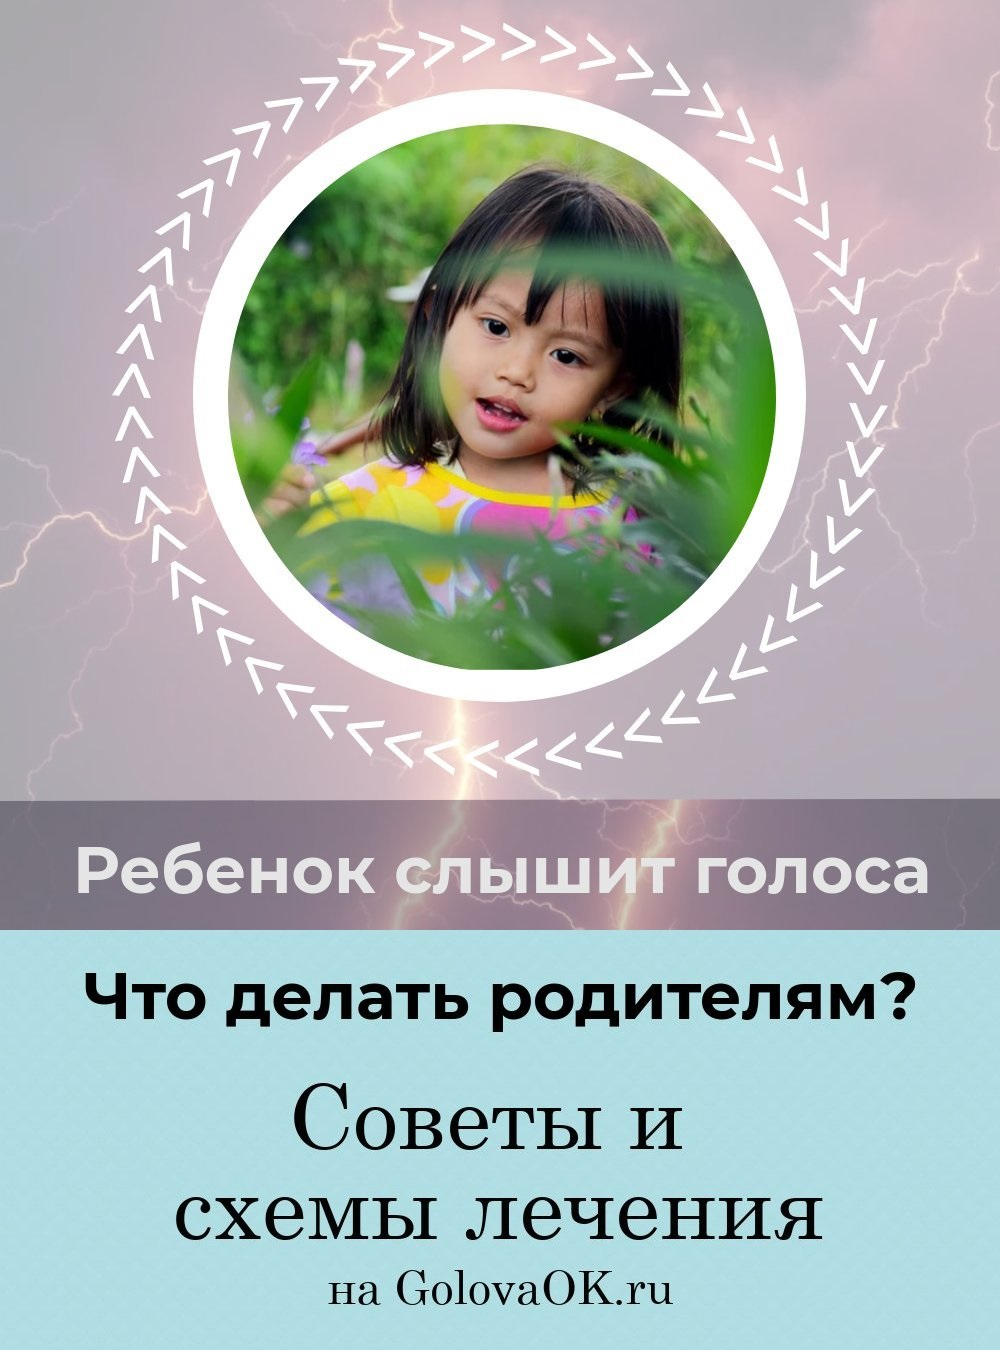 ребенок слышит голоса в голове